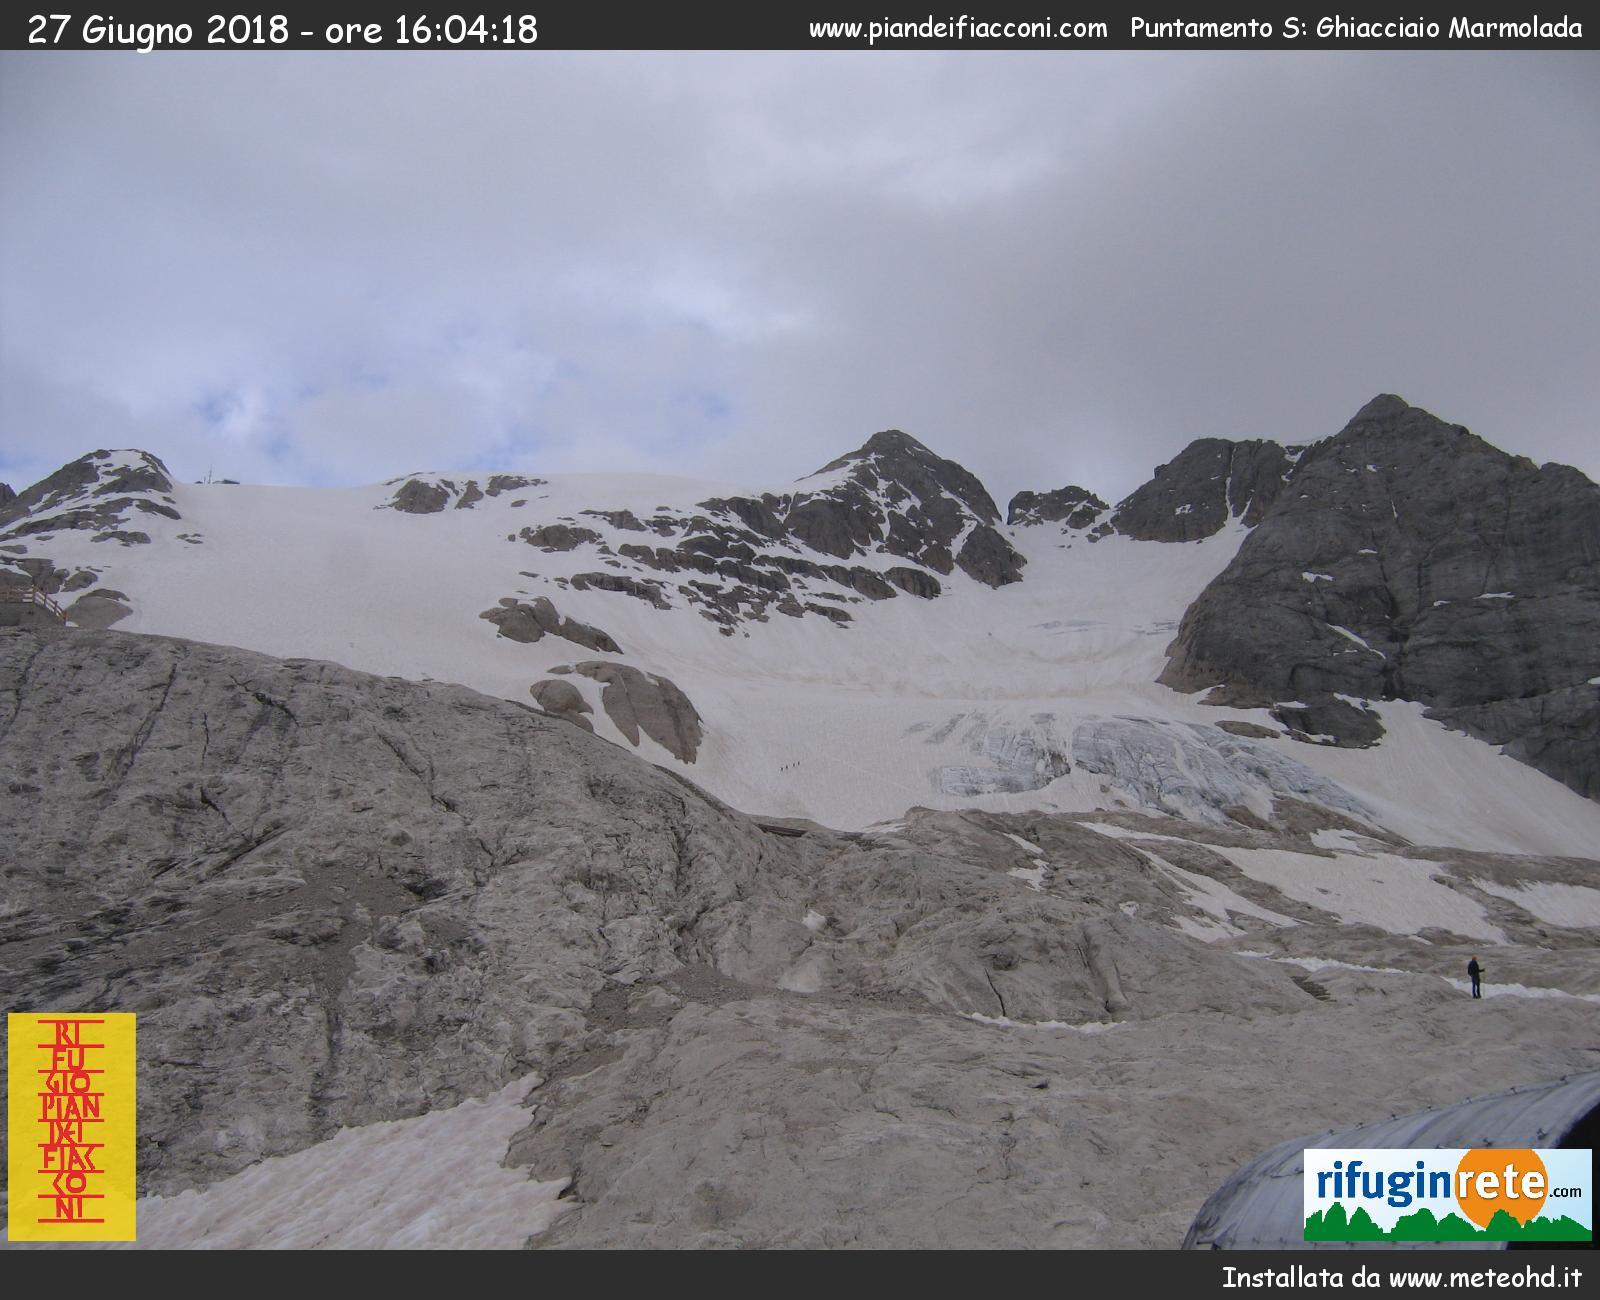 Nowcasting nivoglaciale Alpi estate 2018-marmolada-ghiacciaio-06-27-18-gia-affioramenti.jpg